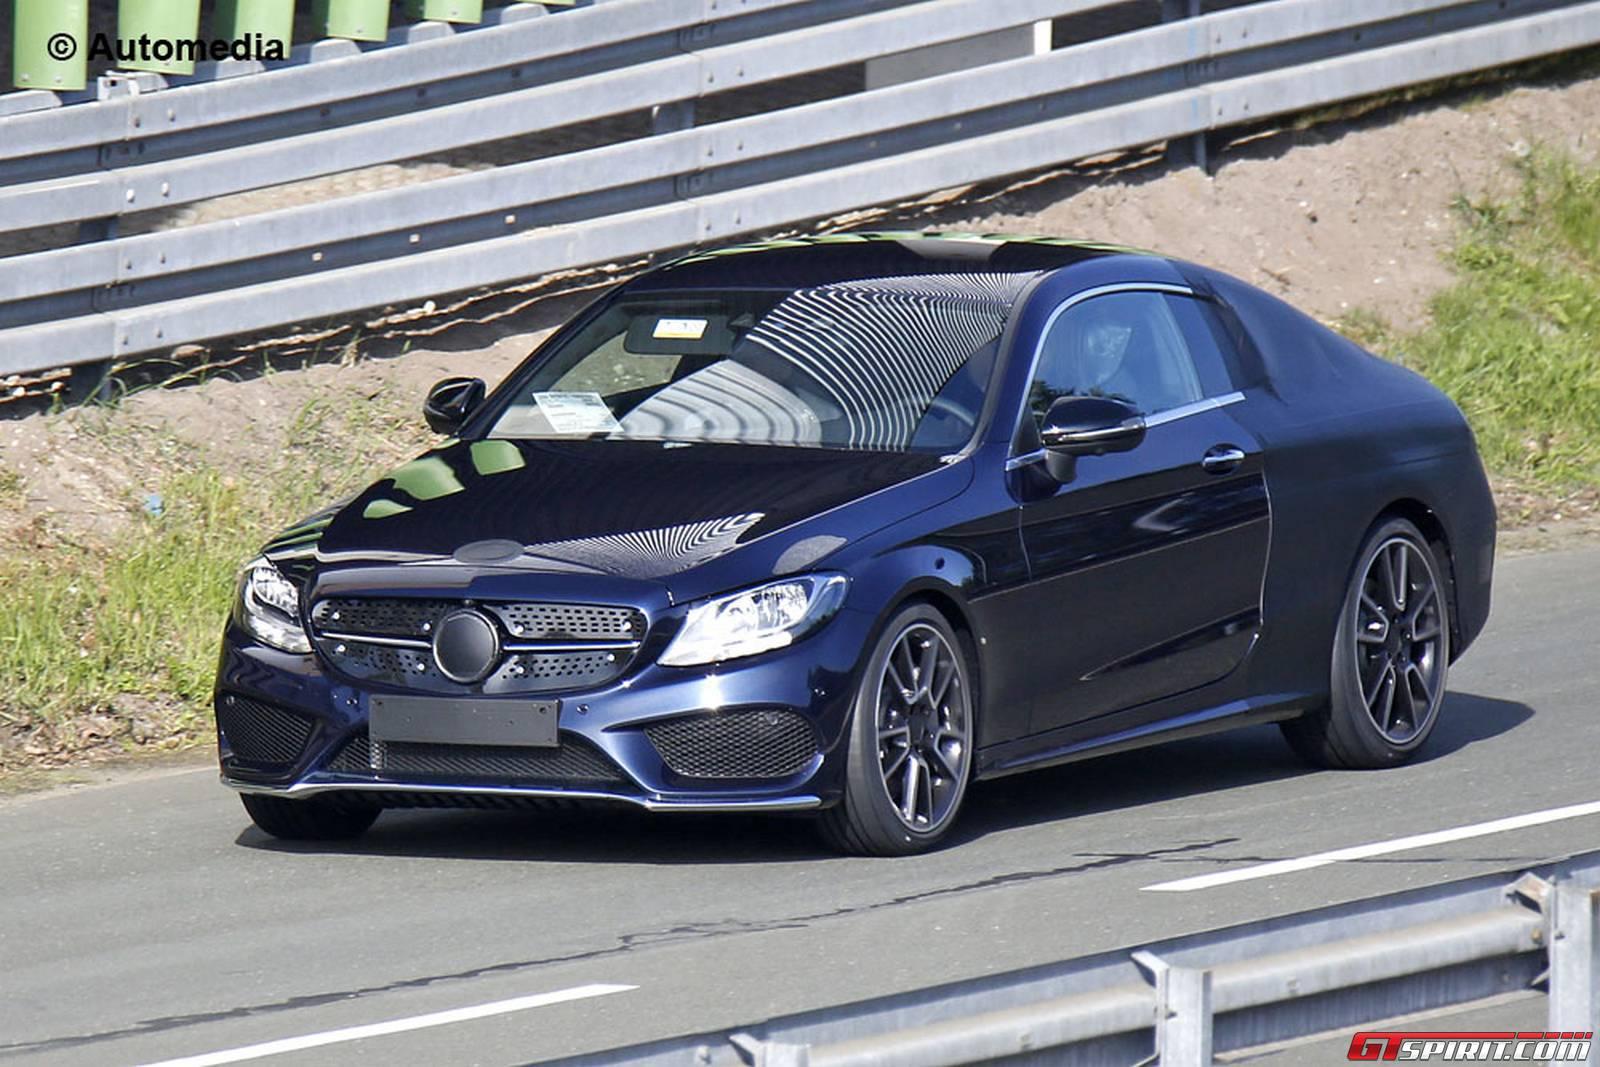 Sleek new mercedes benz c class coupe previewed gtspirit - Mercedes benz c class coupe 2015 ...